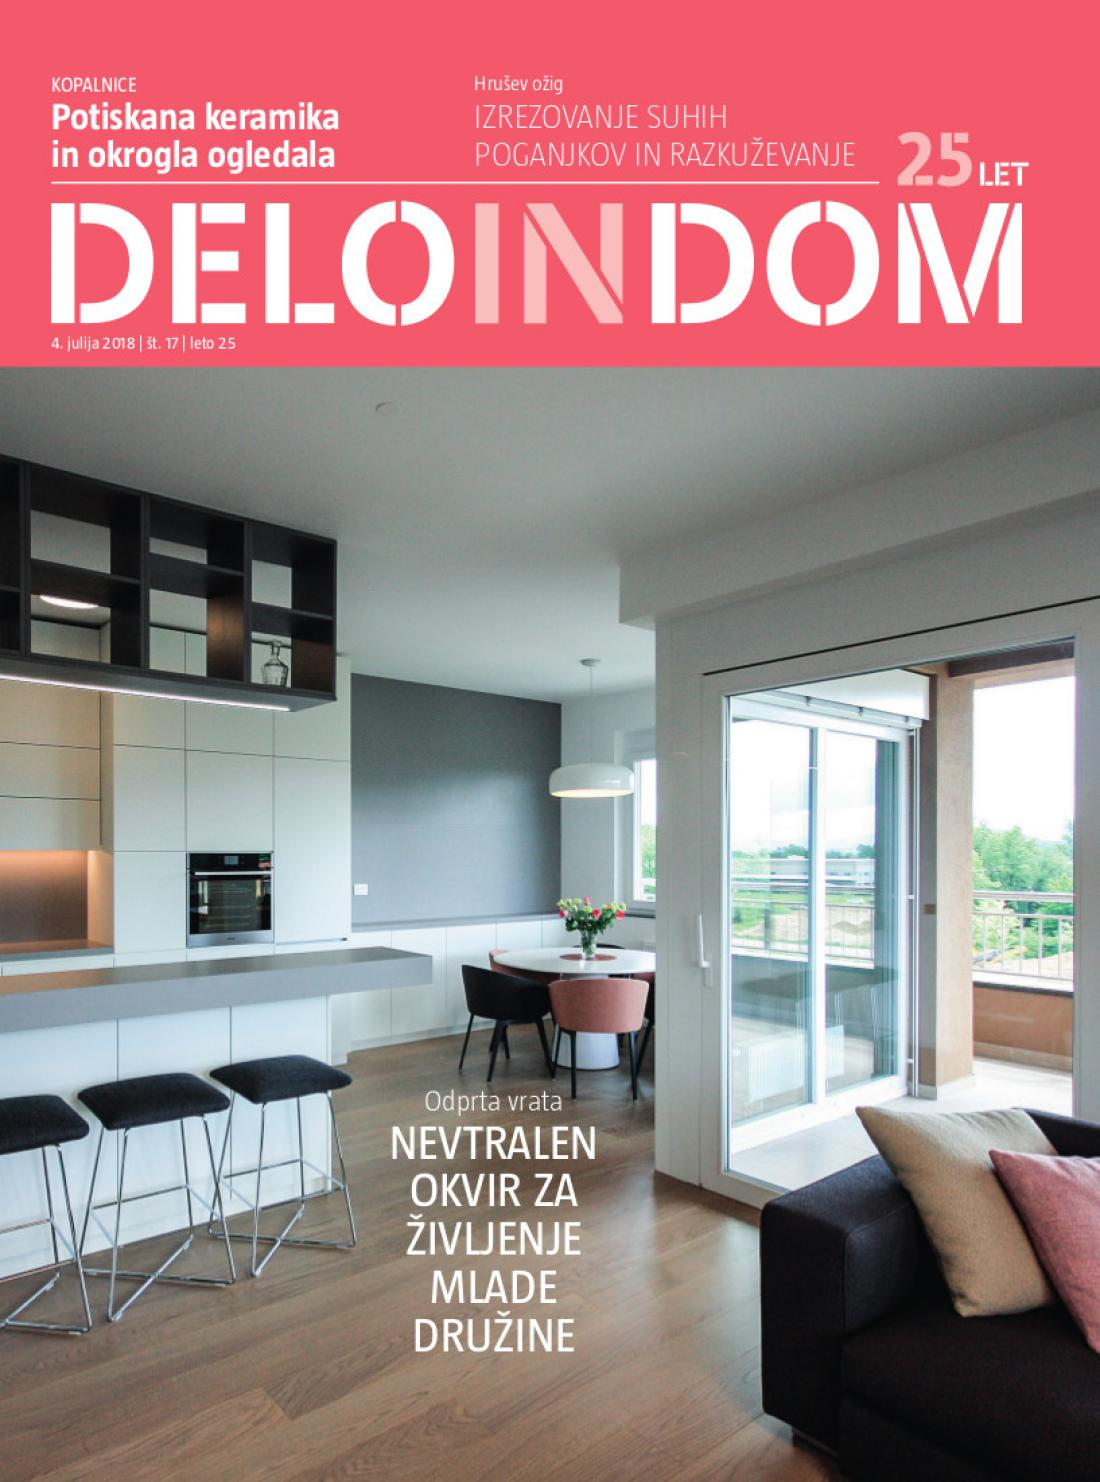 Naslednja številka priloge Deloindom bo Delu in Slovenskim novicam priložena 18. julija 2018.